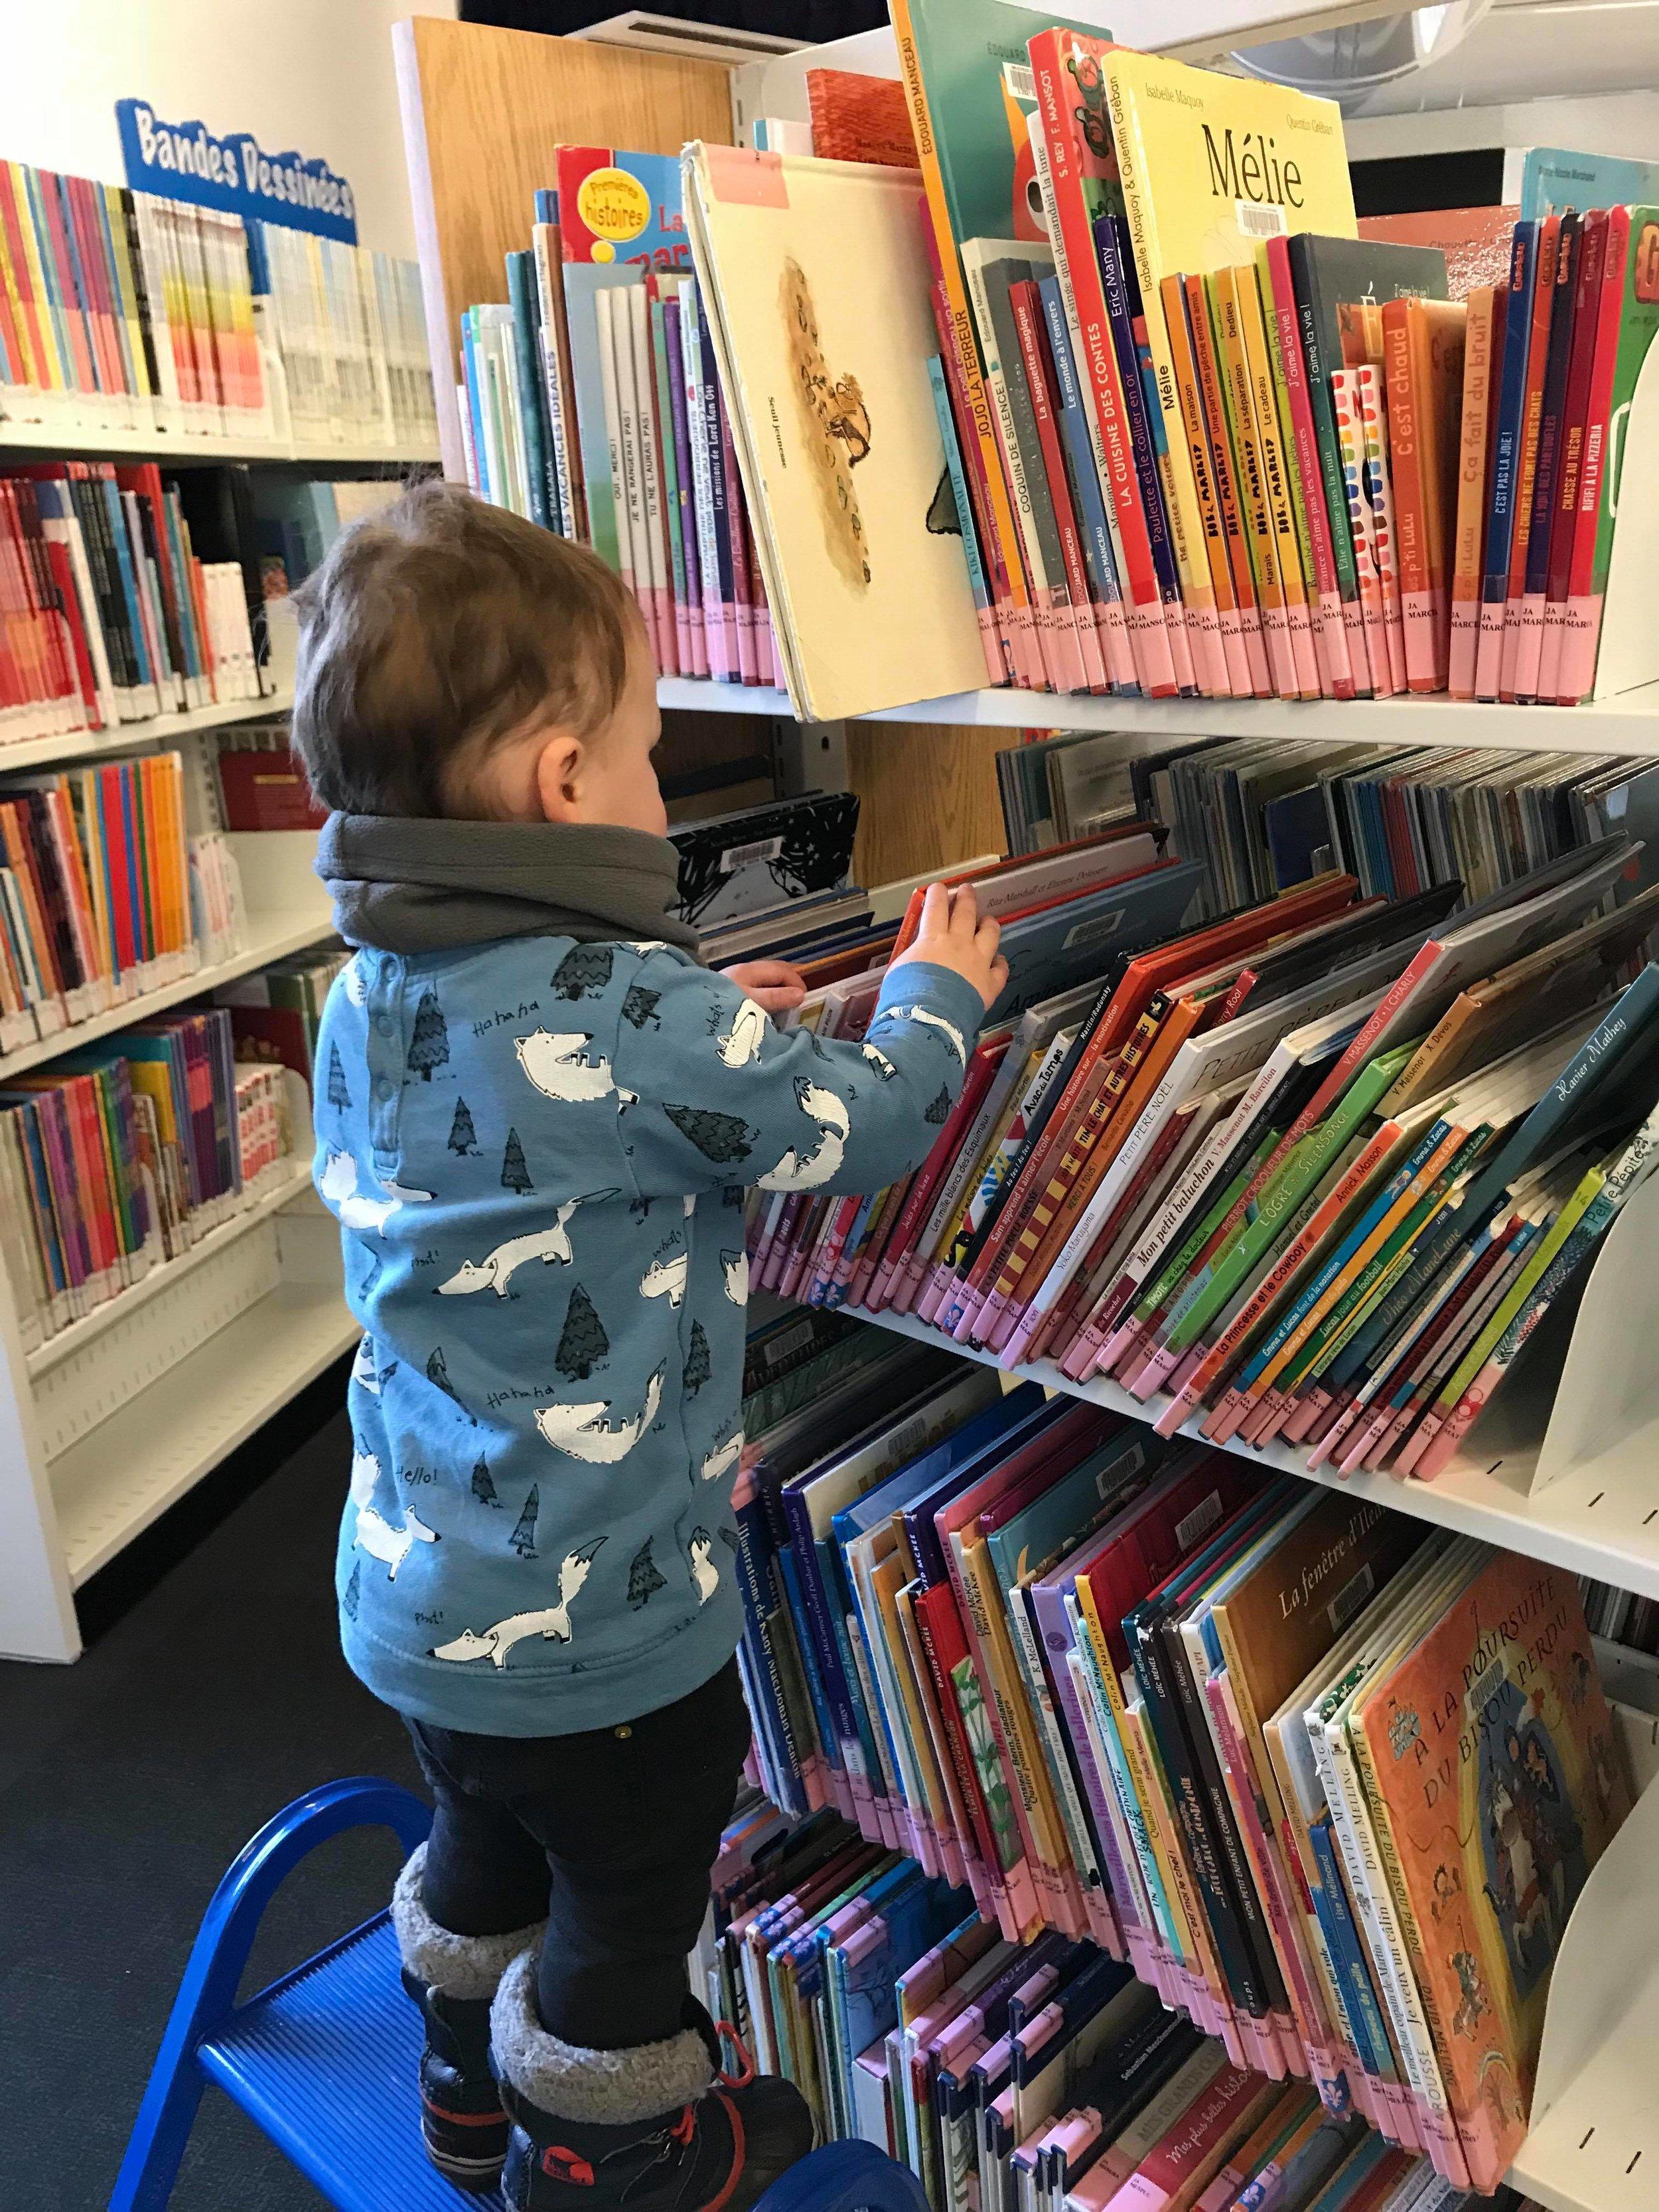 Visiter une bibliothèque publique-semaine des bibliothèques publiques du Québec-biblio-enfant-livre-lecture-maman-enfant-raisons-partage-éducation-Je suis une maman